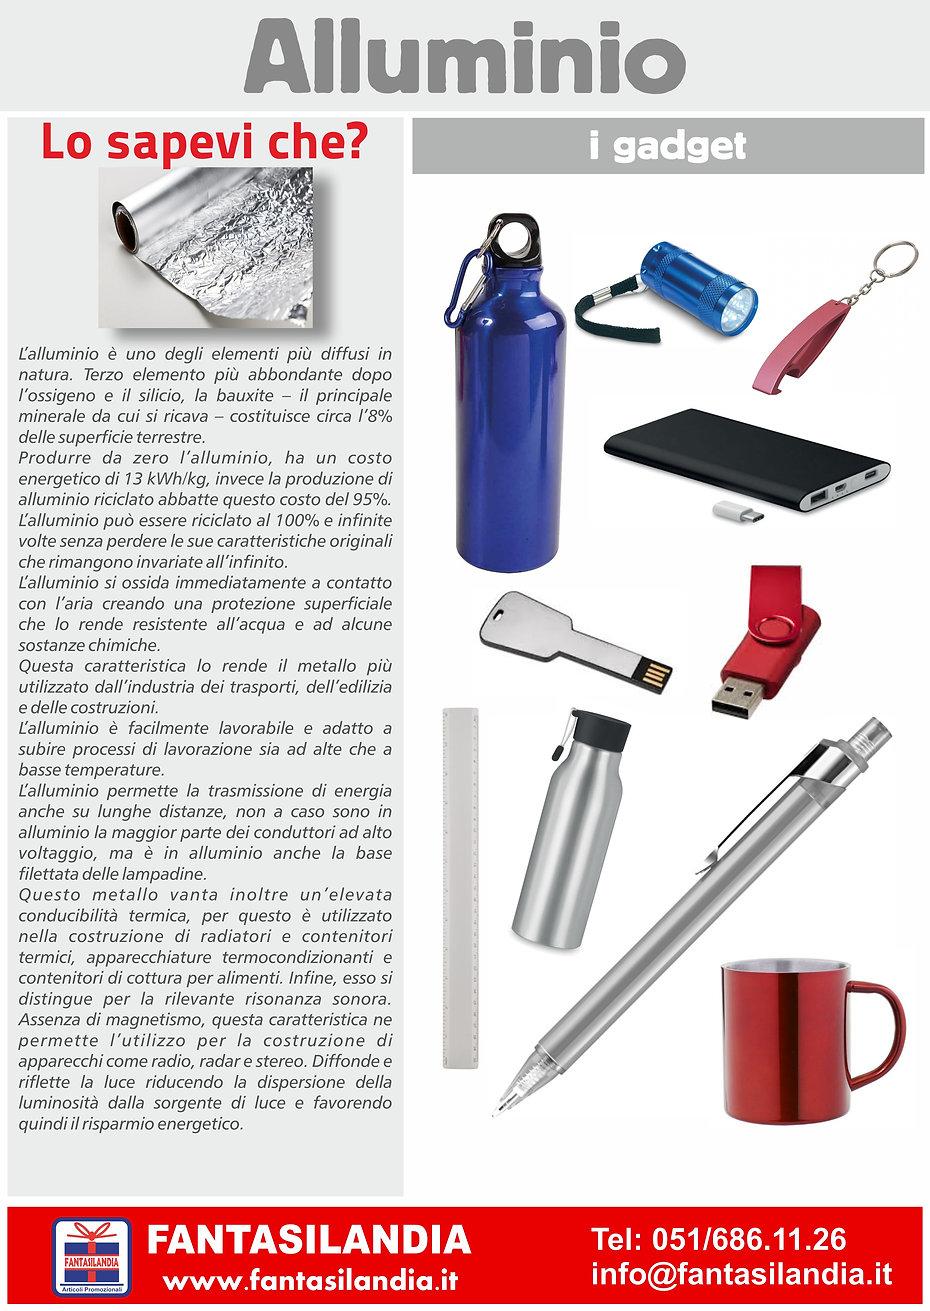 schede-alluminio.jpg